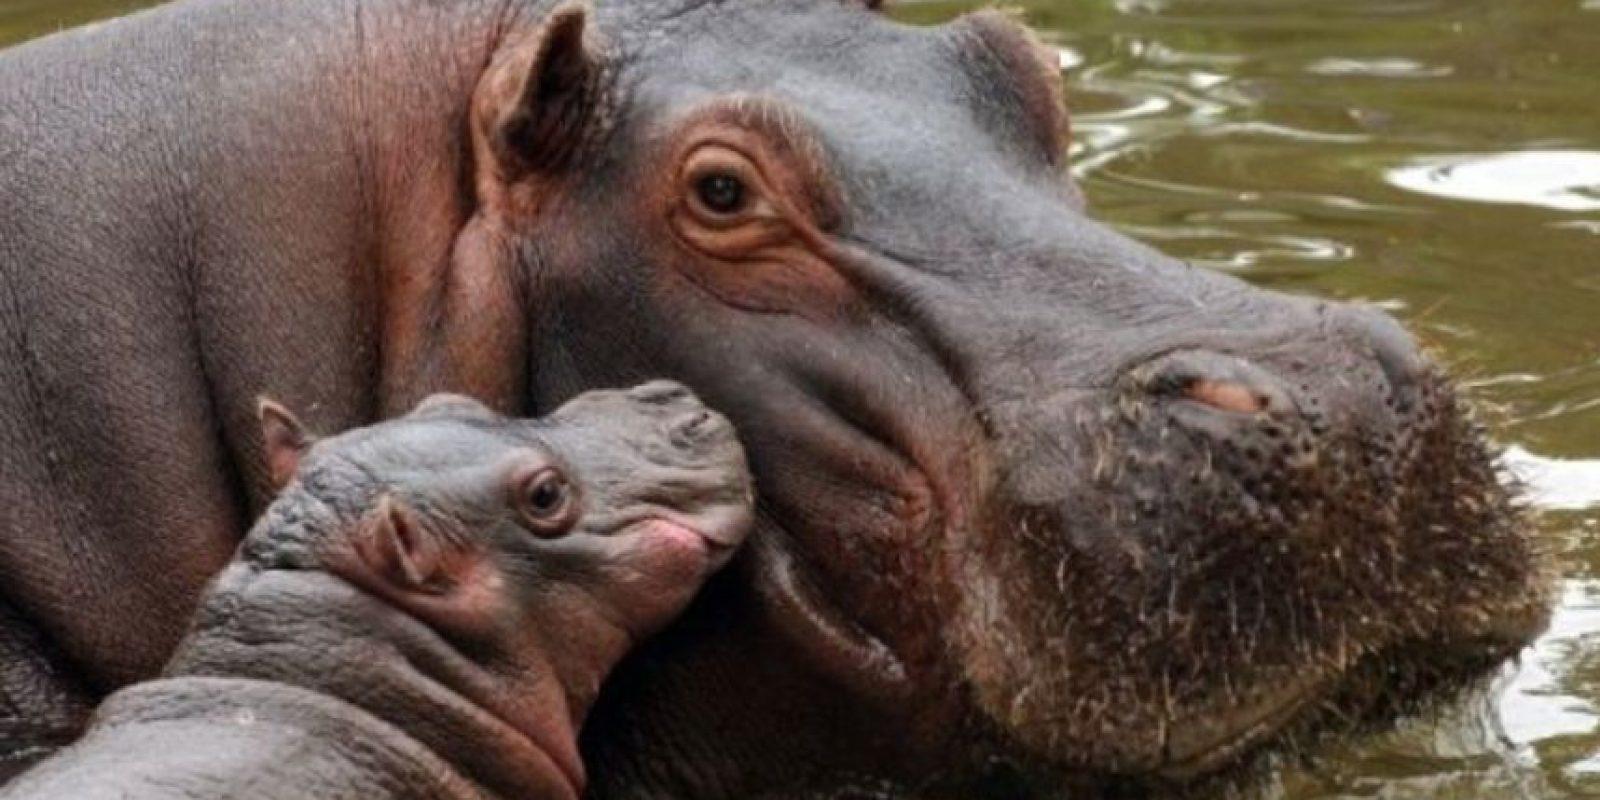 Los hipopótamos pueden golpear, morder y aplastar hasta causar la muerte. Foto:vía Wikipedia